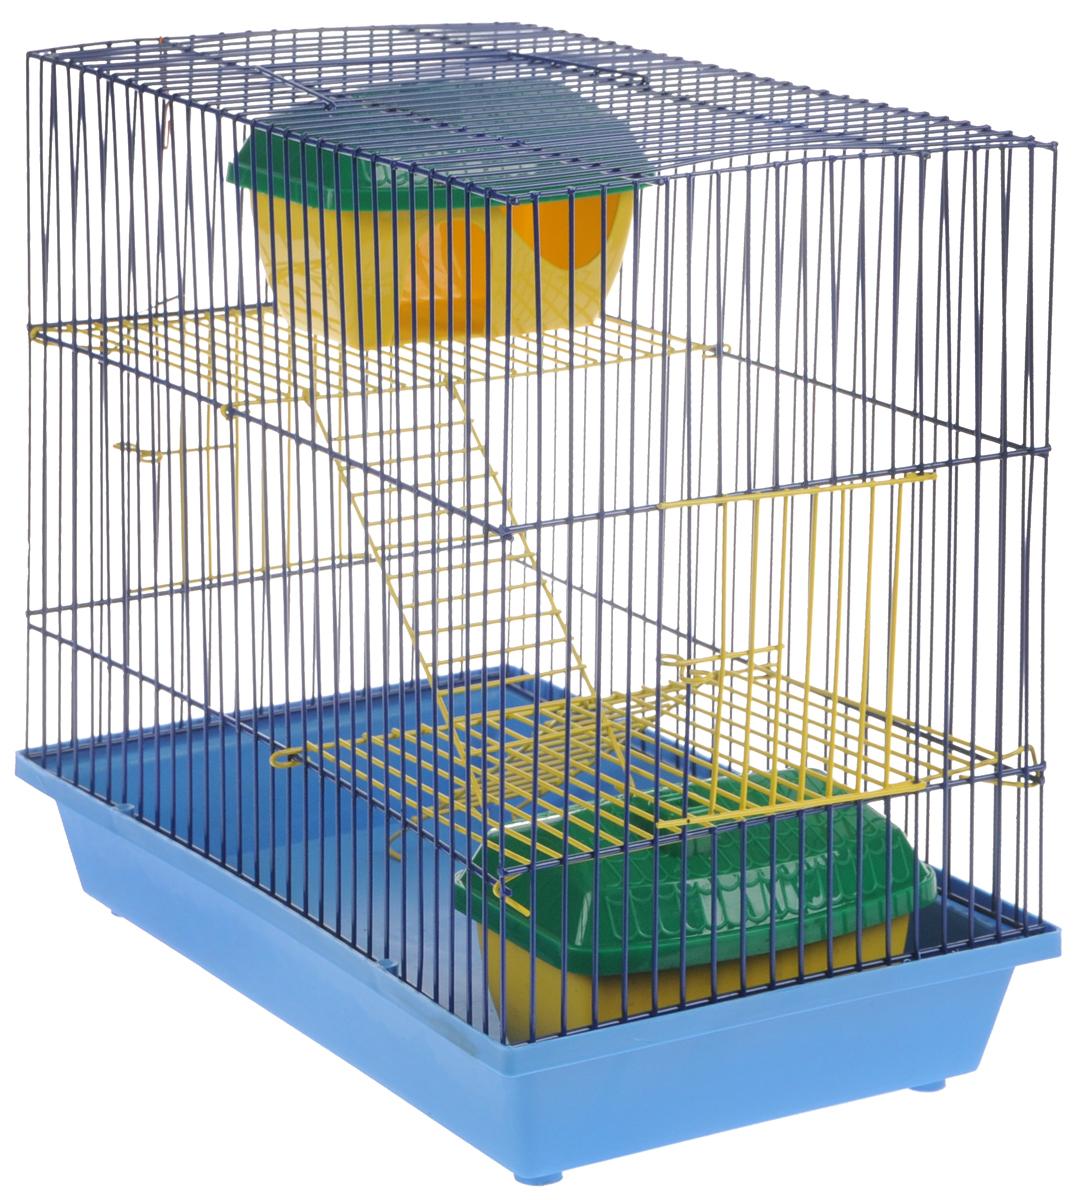 Клетка для грызунов ЗооМарк, 3-этажная, с двумя домиками, цвет: голубой поддон, синяя решетка, желтые этажи, 36 х 23 х 34,5 см135жССКлетка ЗооМарк, выполненная из полипропилена и металла, подходит для мелких грызунов. Изделие трехэтажное, оборудовано колесом для подвижных игр и пластиковым домиком. Клетка имеет яркий поддон, удобна в использовании и легко чистится. Сверху имеется ручка для переноски. Такая клетка станет уединенным личным пространством и уютным домиком для маленького грызуна.